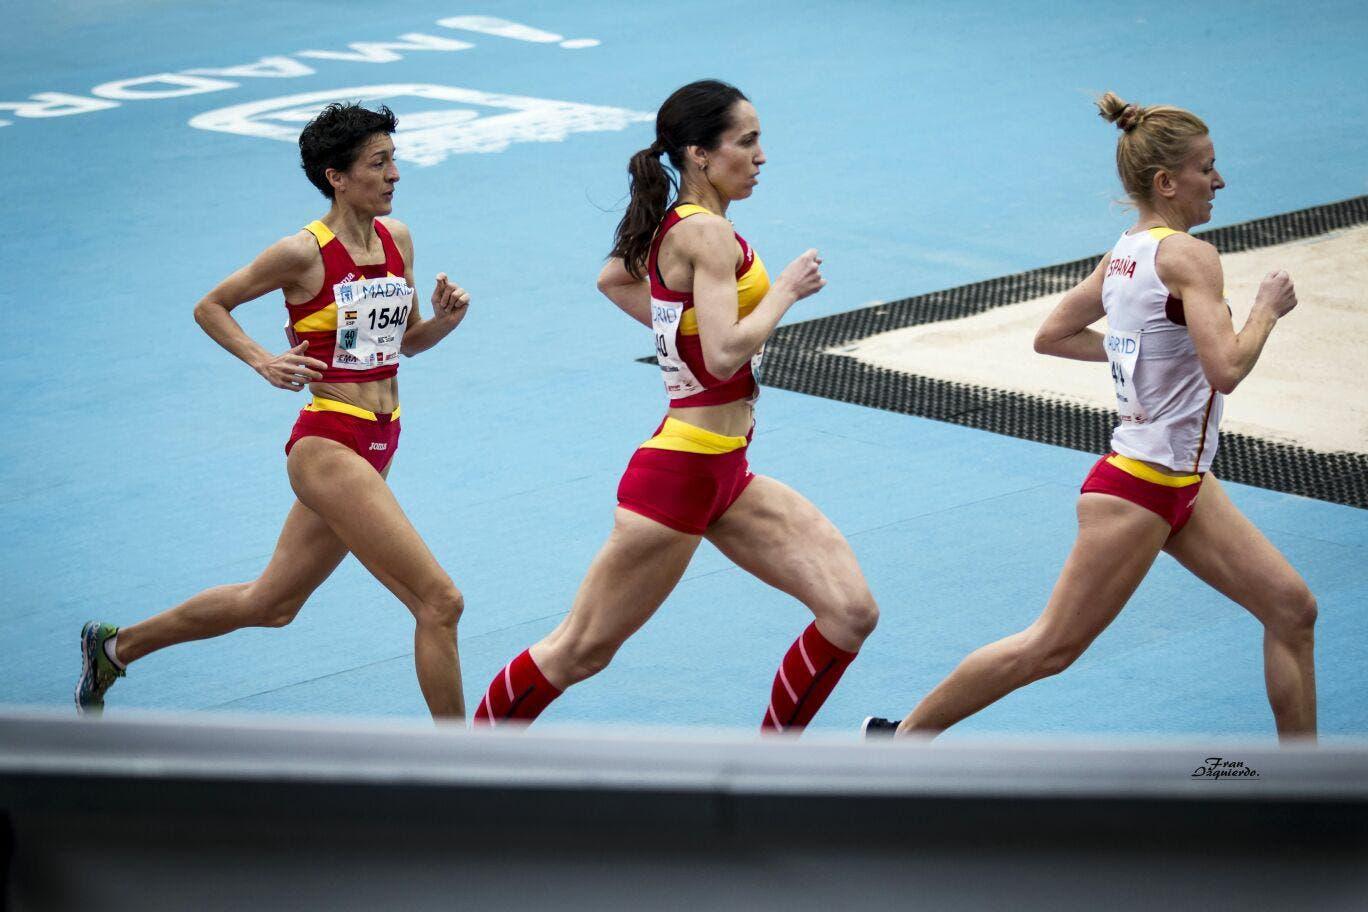 Former International Runner Cristina Hodgson